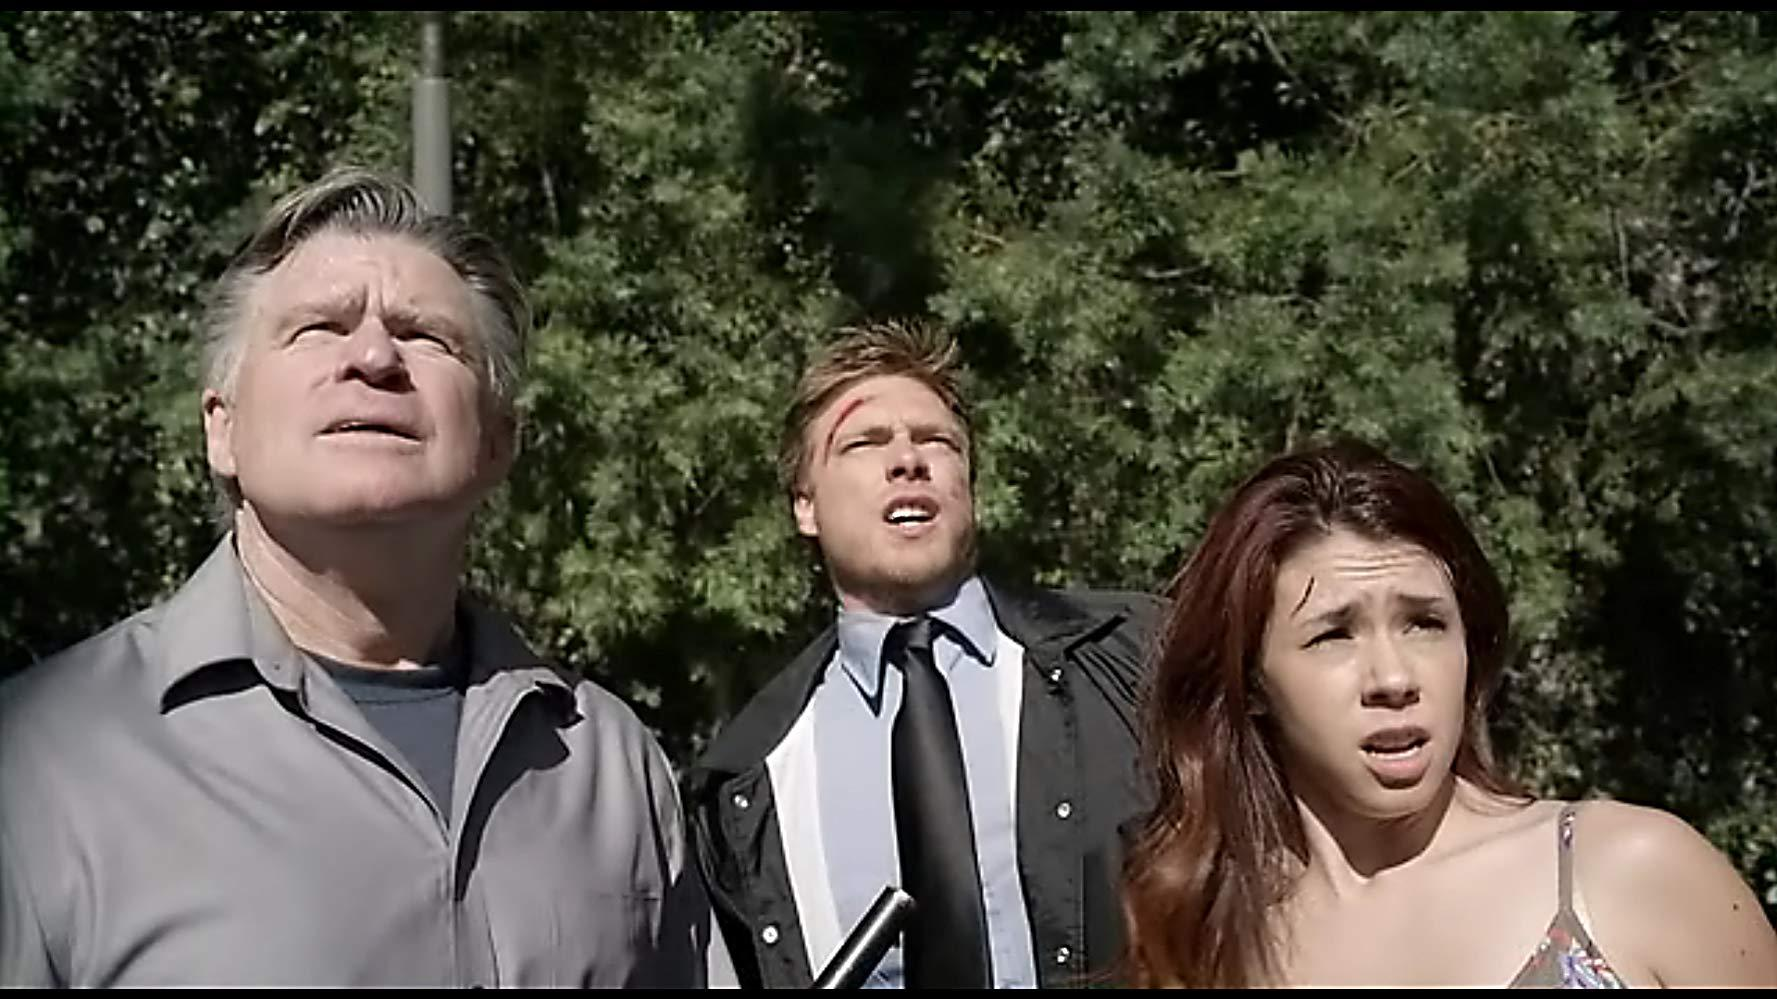 مشاهدة فيلم Age Of Dinosaurs 2013 HD مترجم كامل اون لاين